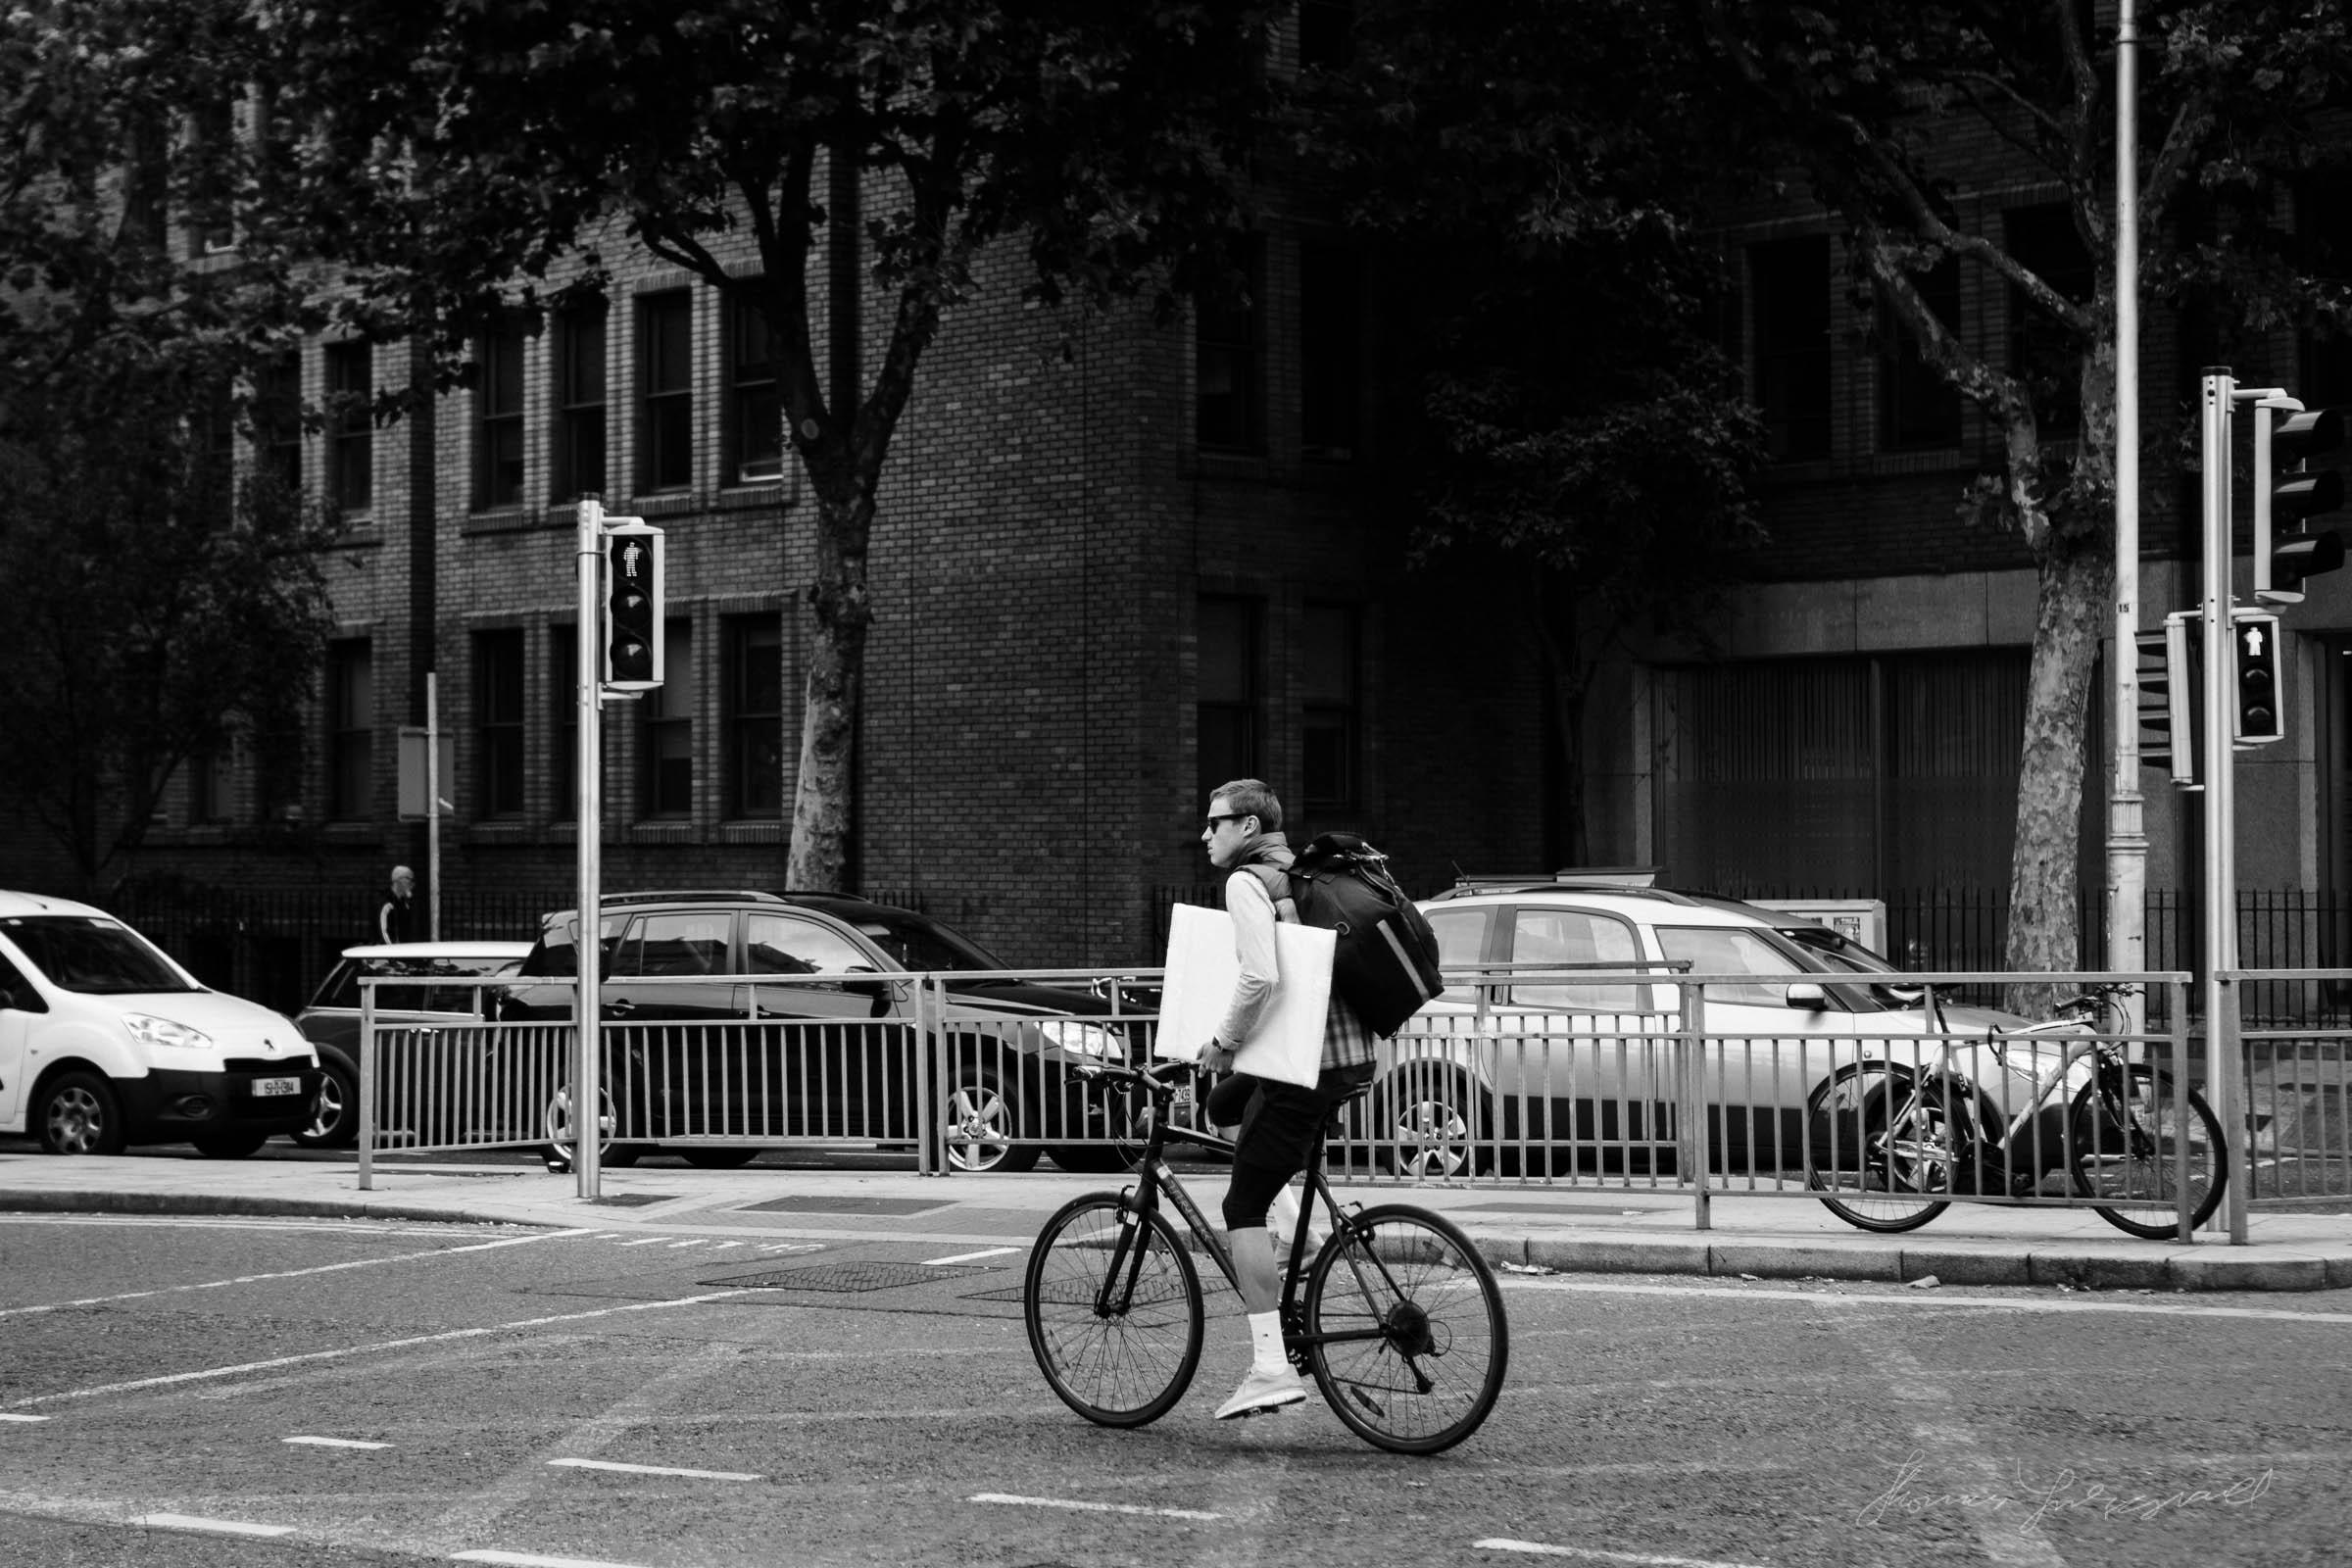 Street-Photo-Diary-No-6-BW-Dublin-05.jpg